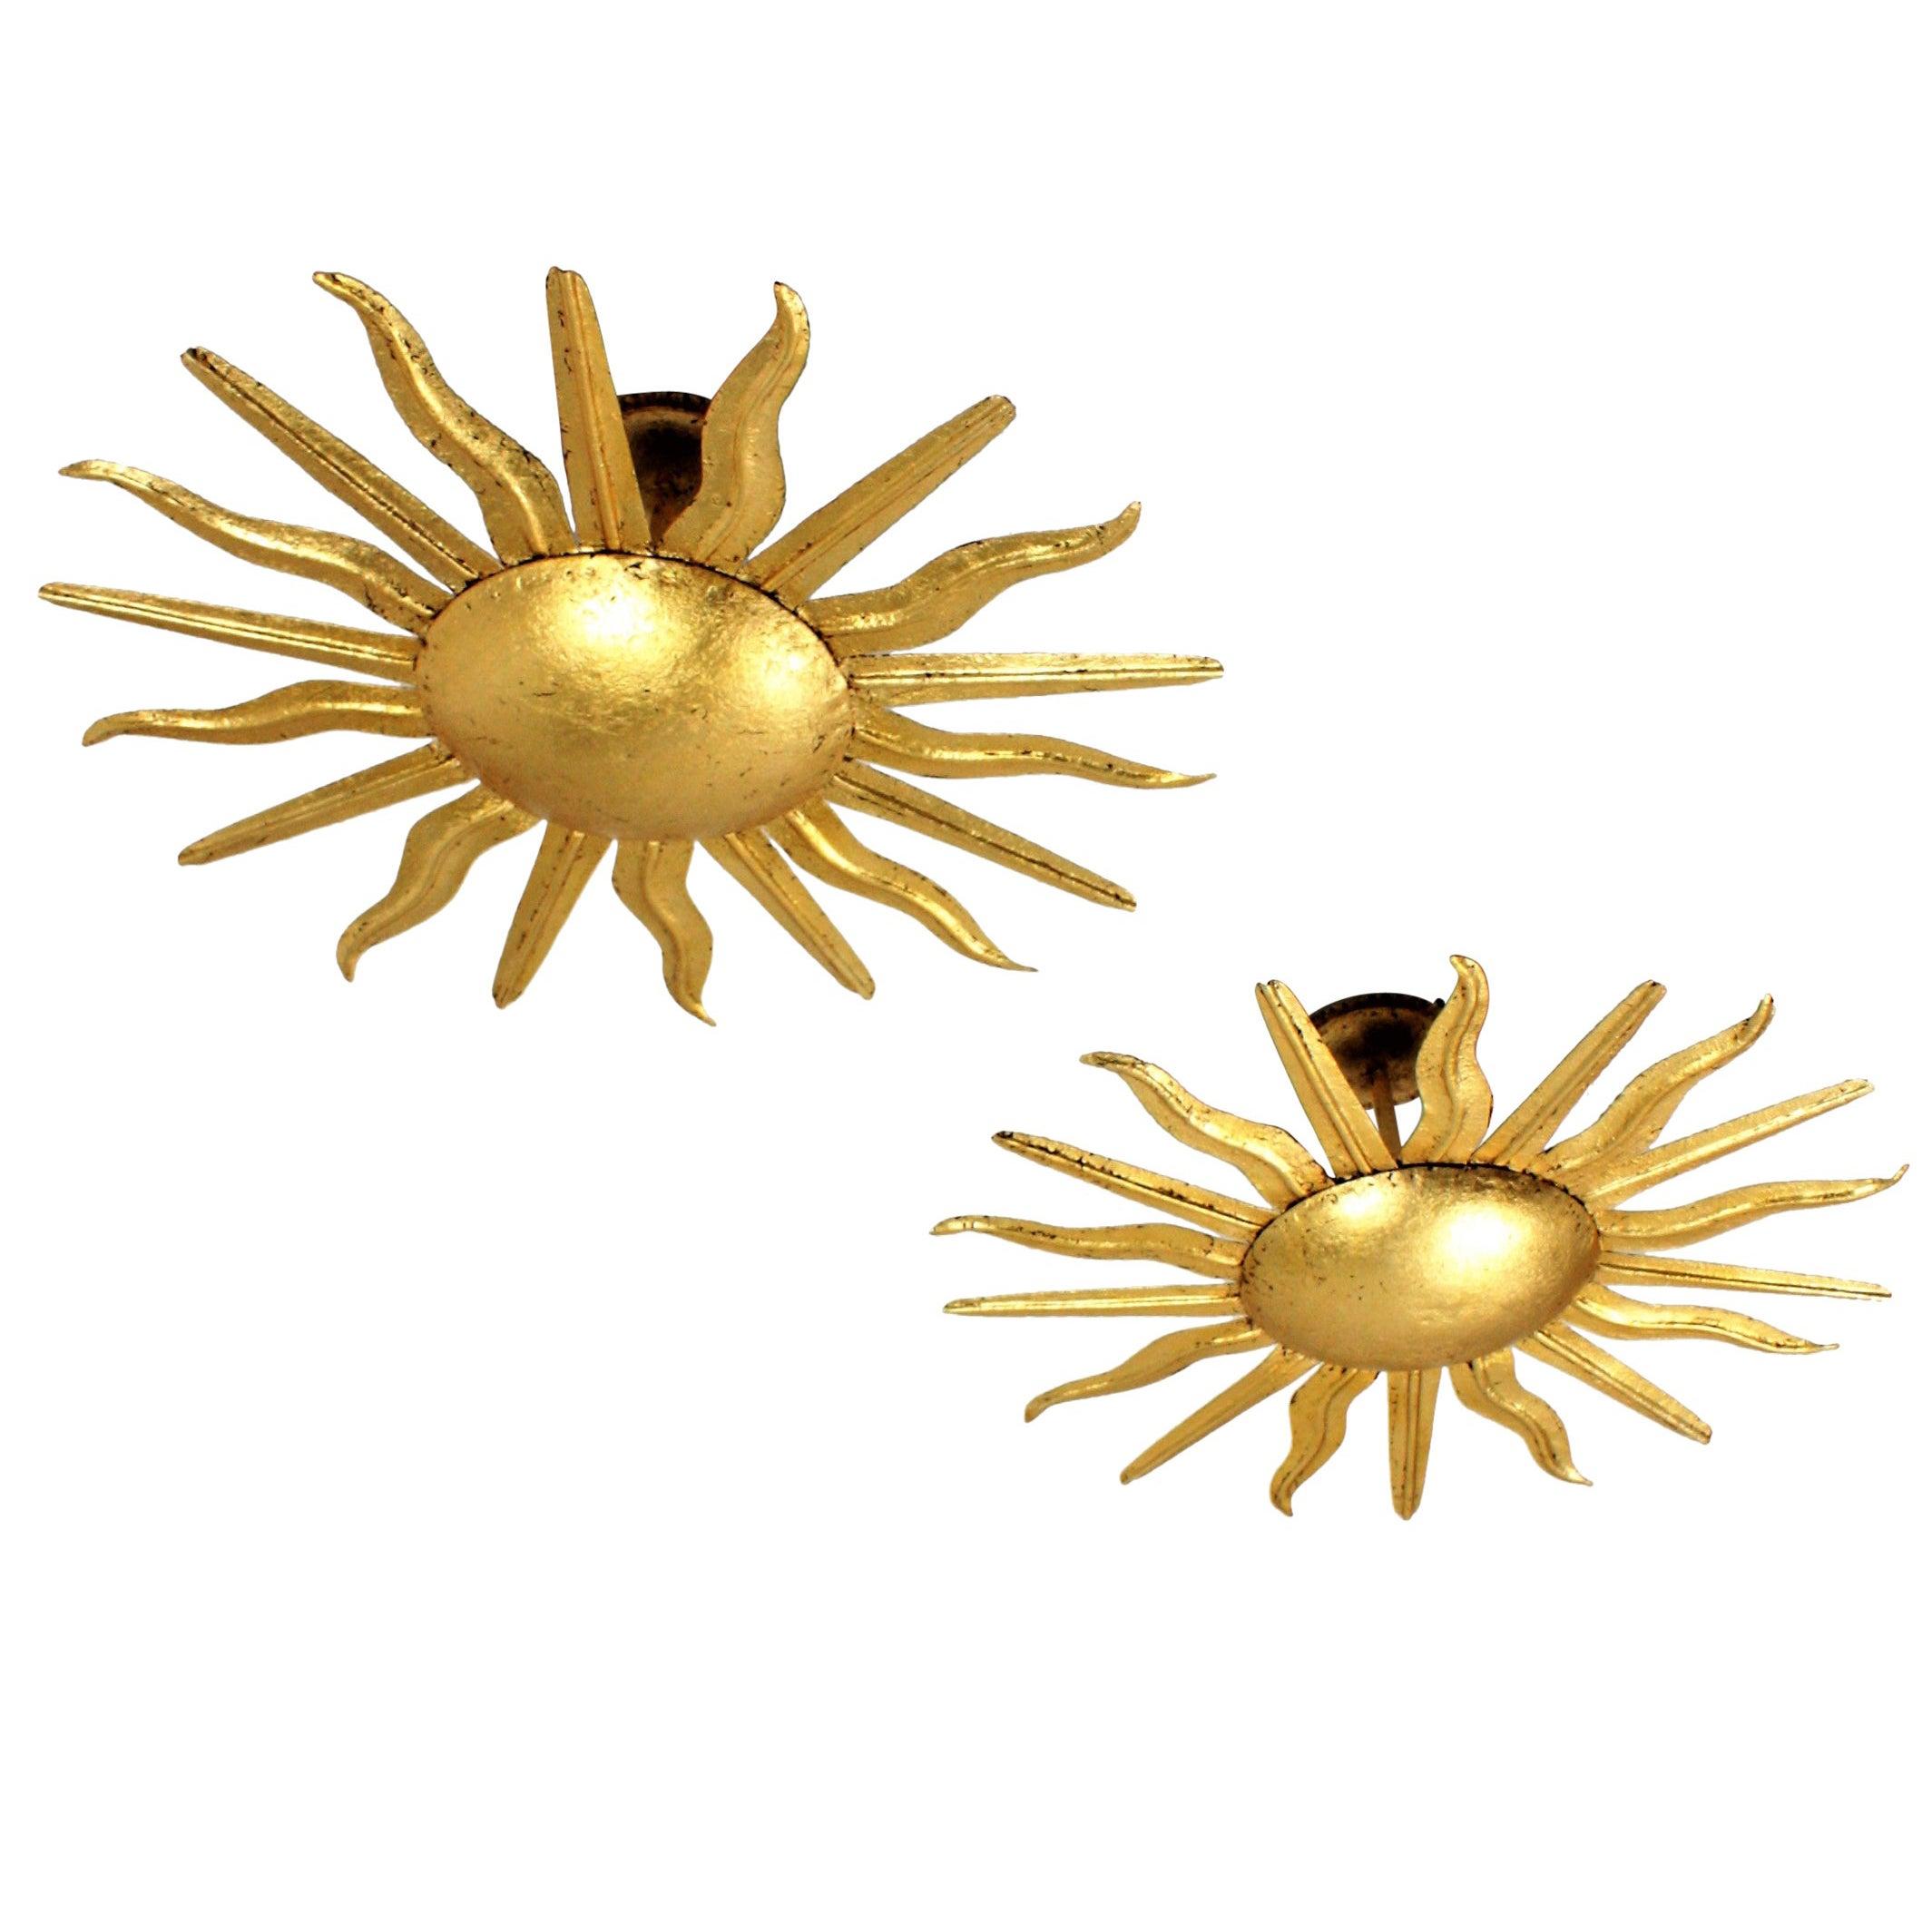 Pair of Spanish 1950s Gold Gilt Iron Sunburst Flush Mount Ceiling Light Fixtures